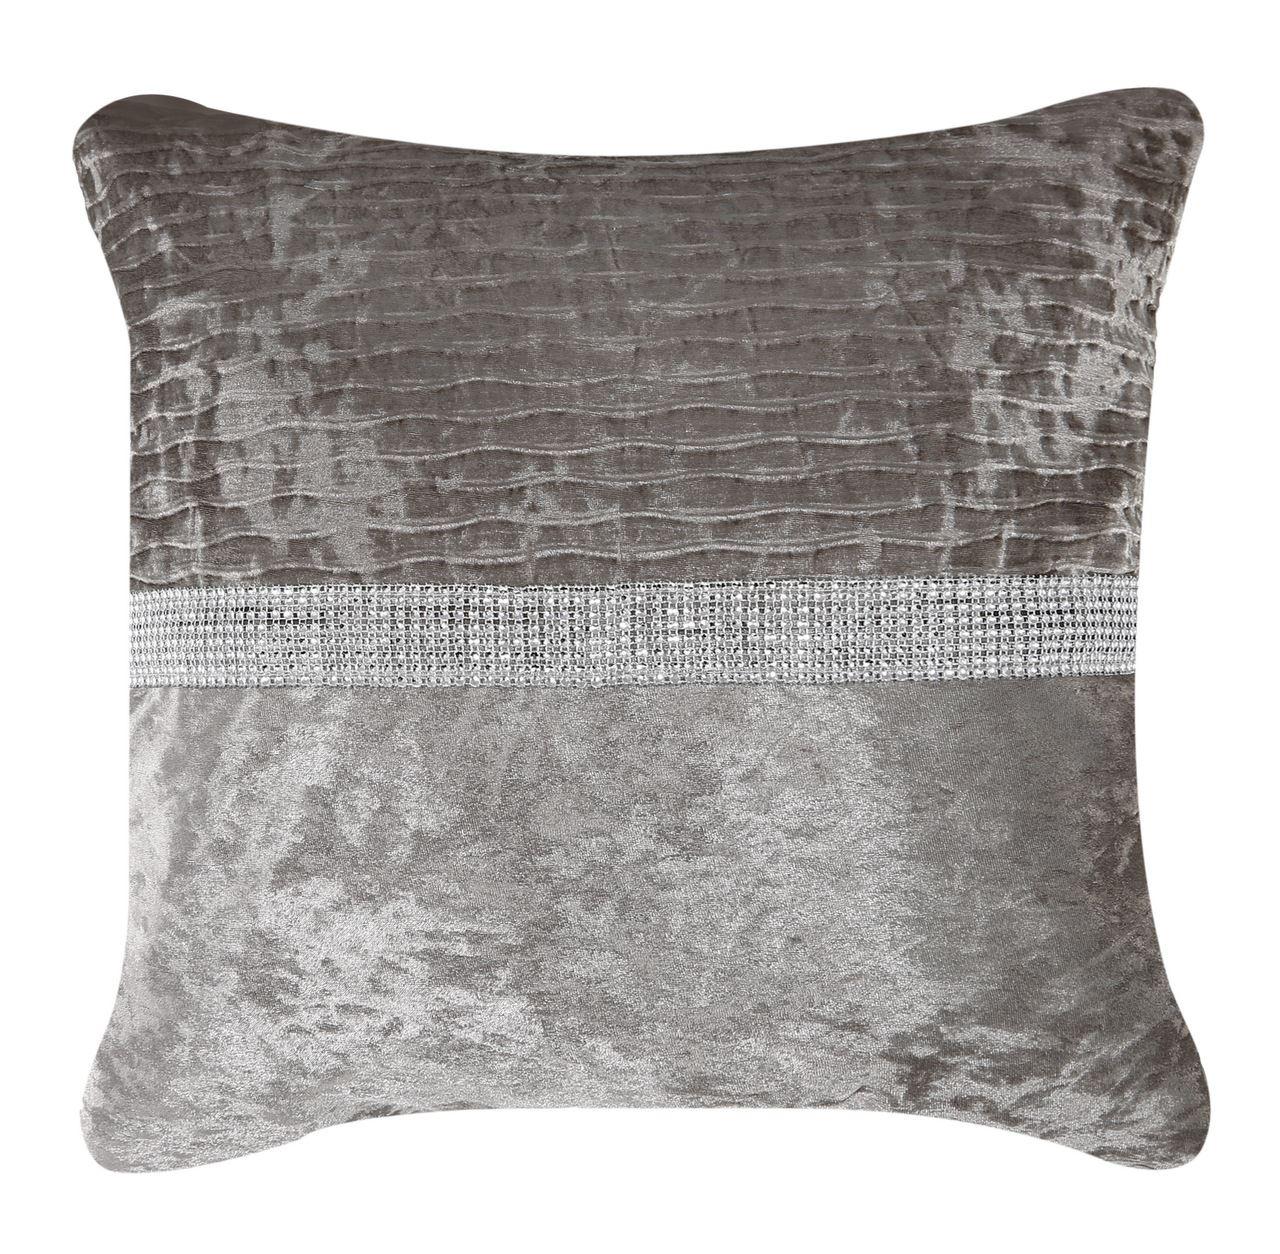 Fld Cushion Chapagne 50X50 Crushed Velv Cushion